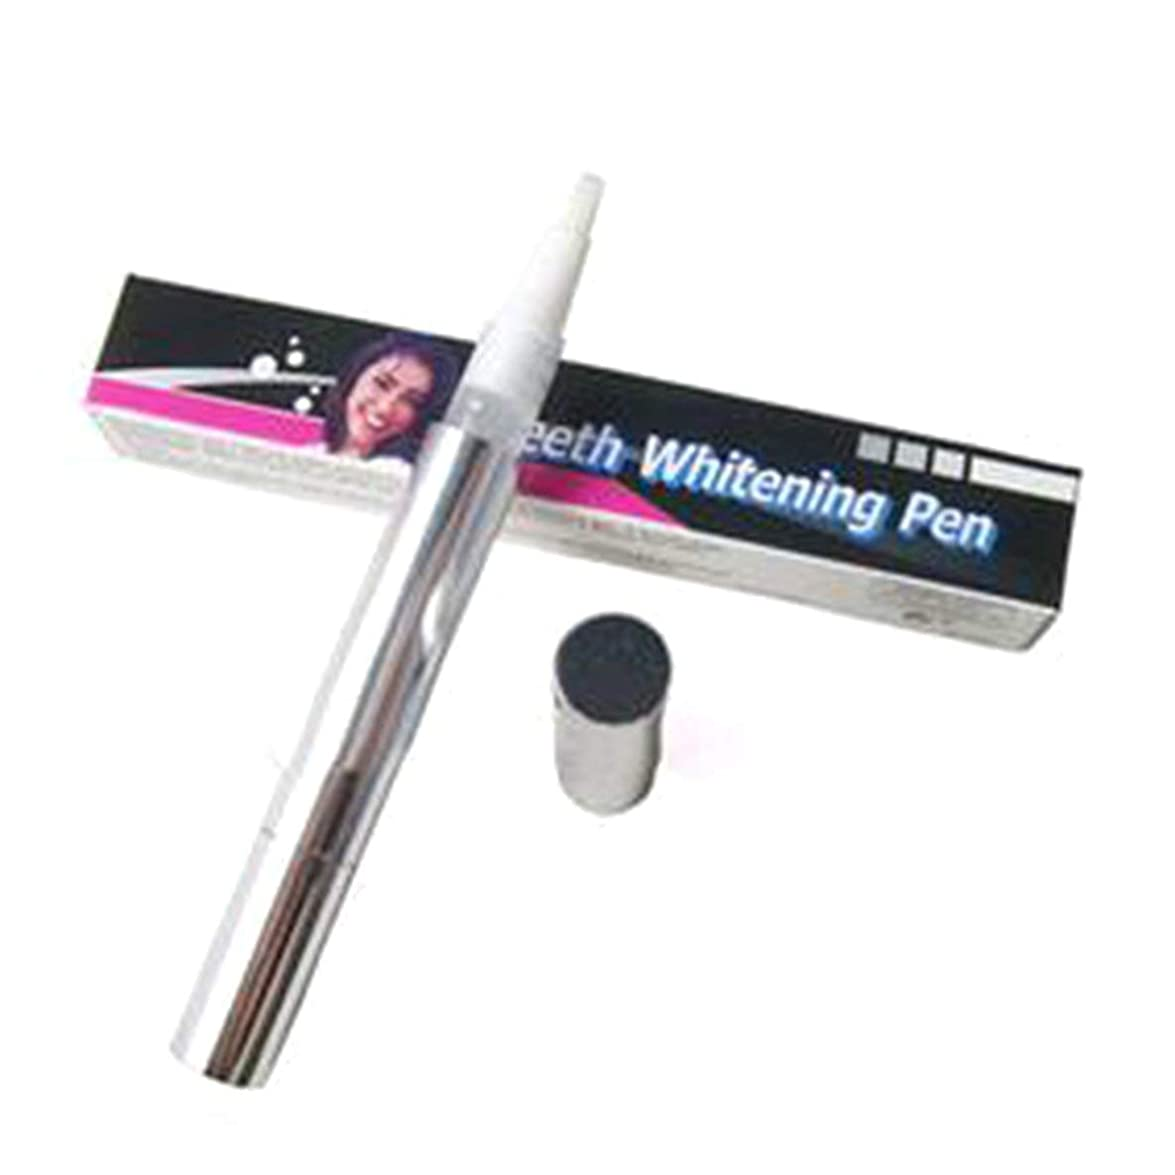 反逆者再編成する敬礼ペンホワイトニングペン強力な汚れ消しゴム除去速い漂白歯ジェルホワイトナー歯科口腔衛生用品 - シルバー